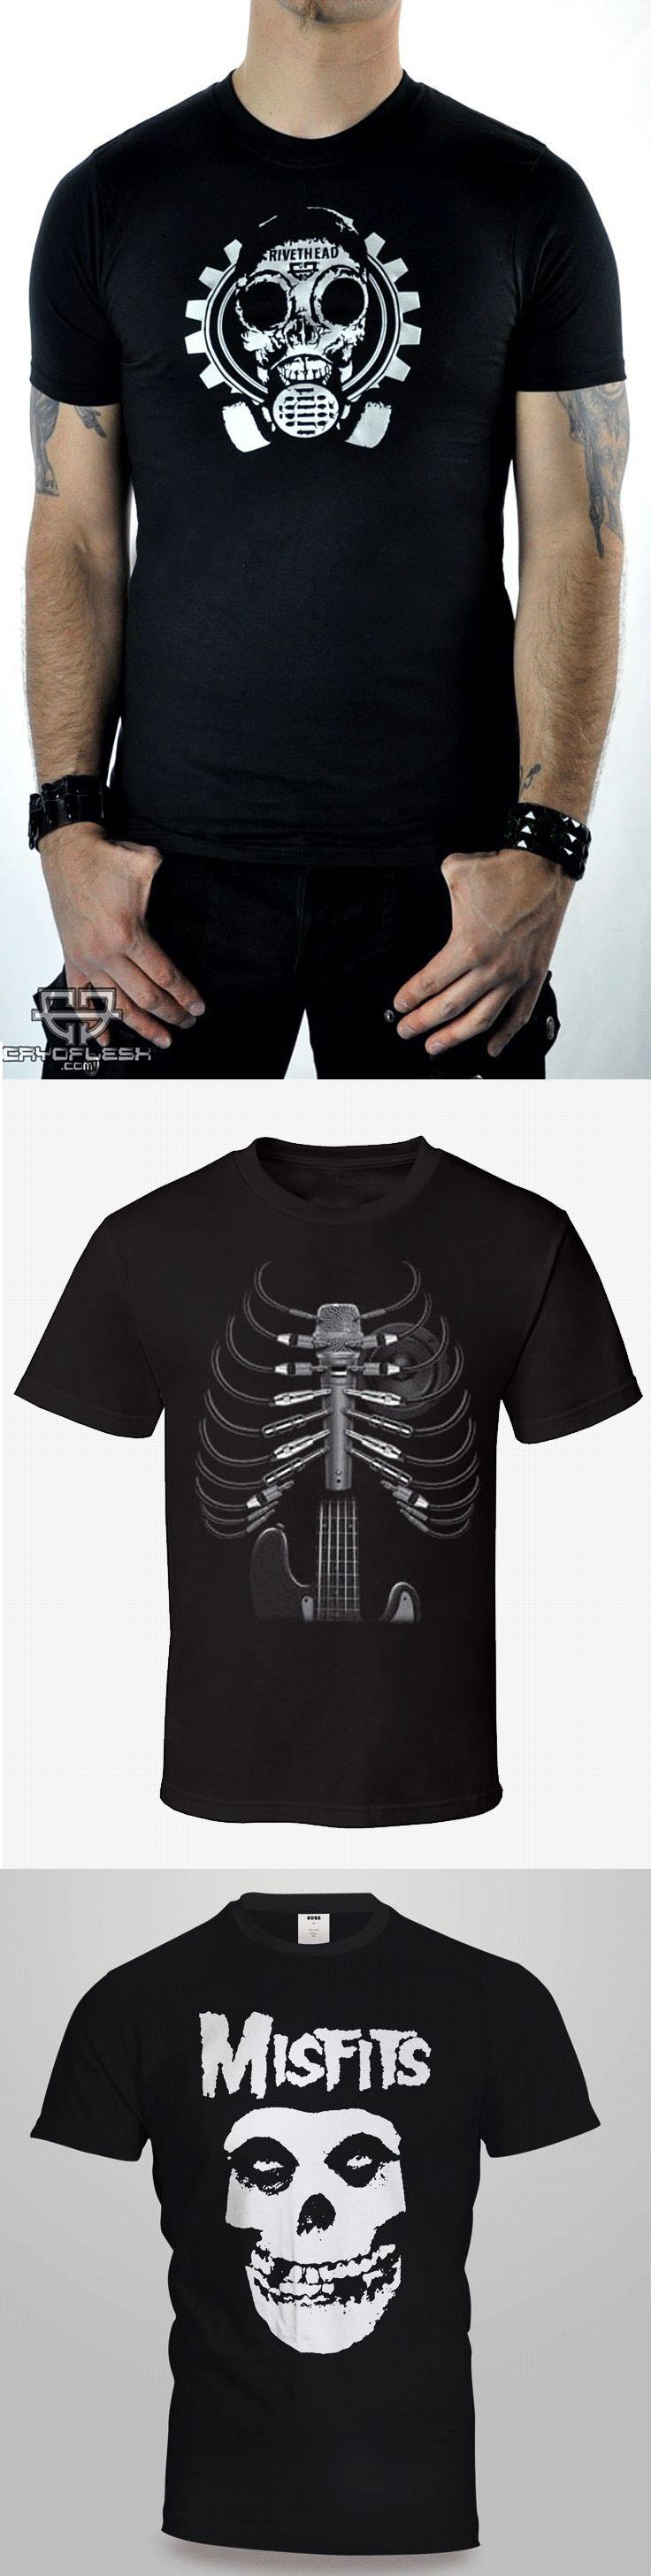 Shop punk skulls T-shirts for men at RebelsMarket.